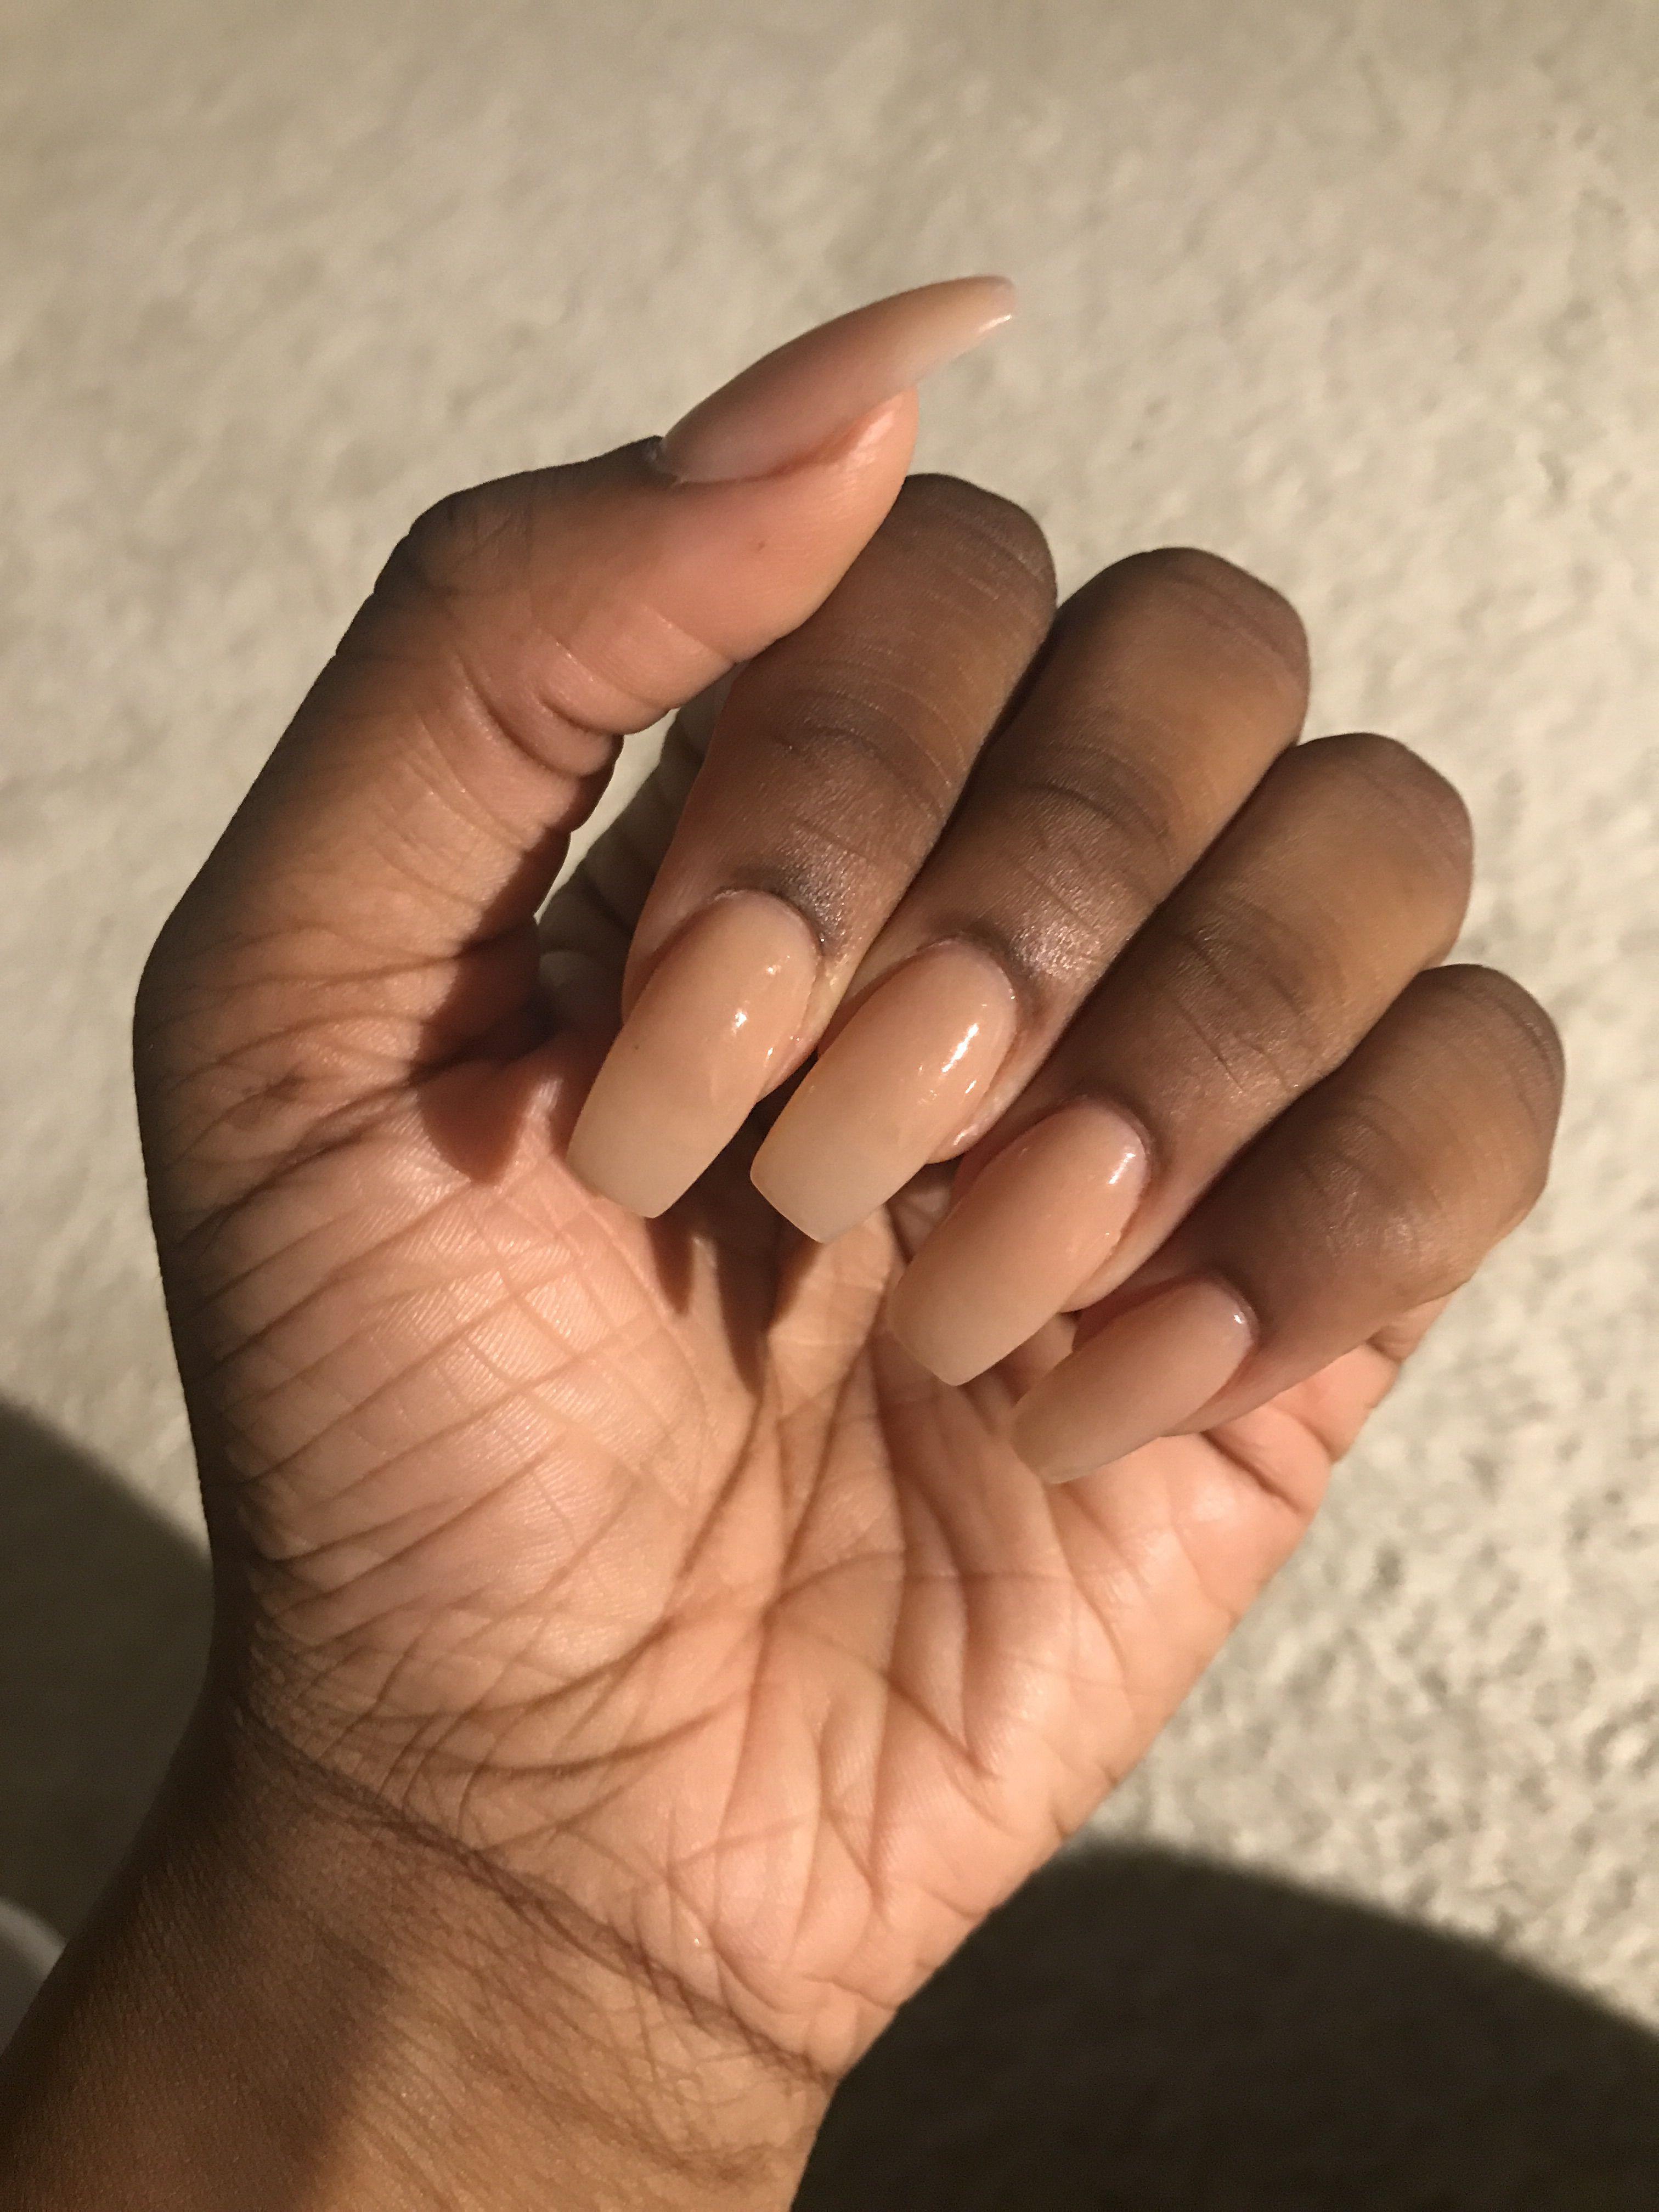 Natural Nails Short Gel Nails Natural Brown Skin In 2020 Short Gel Nails Natural Acrylic Nails Natural Gel Nails